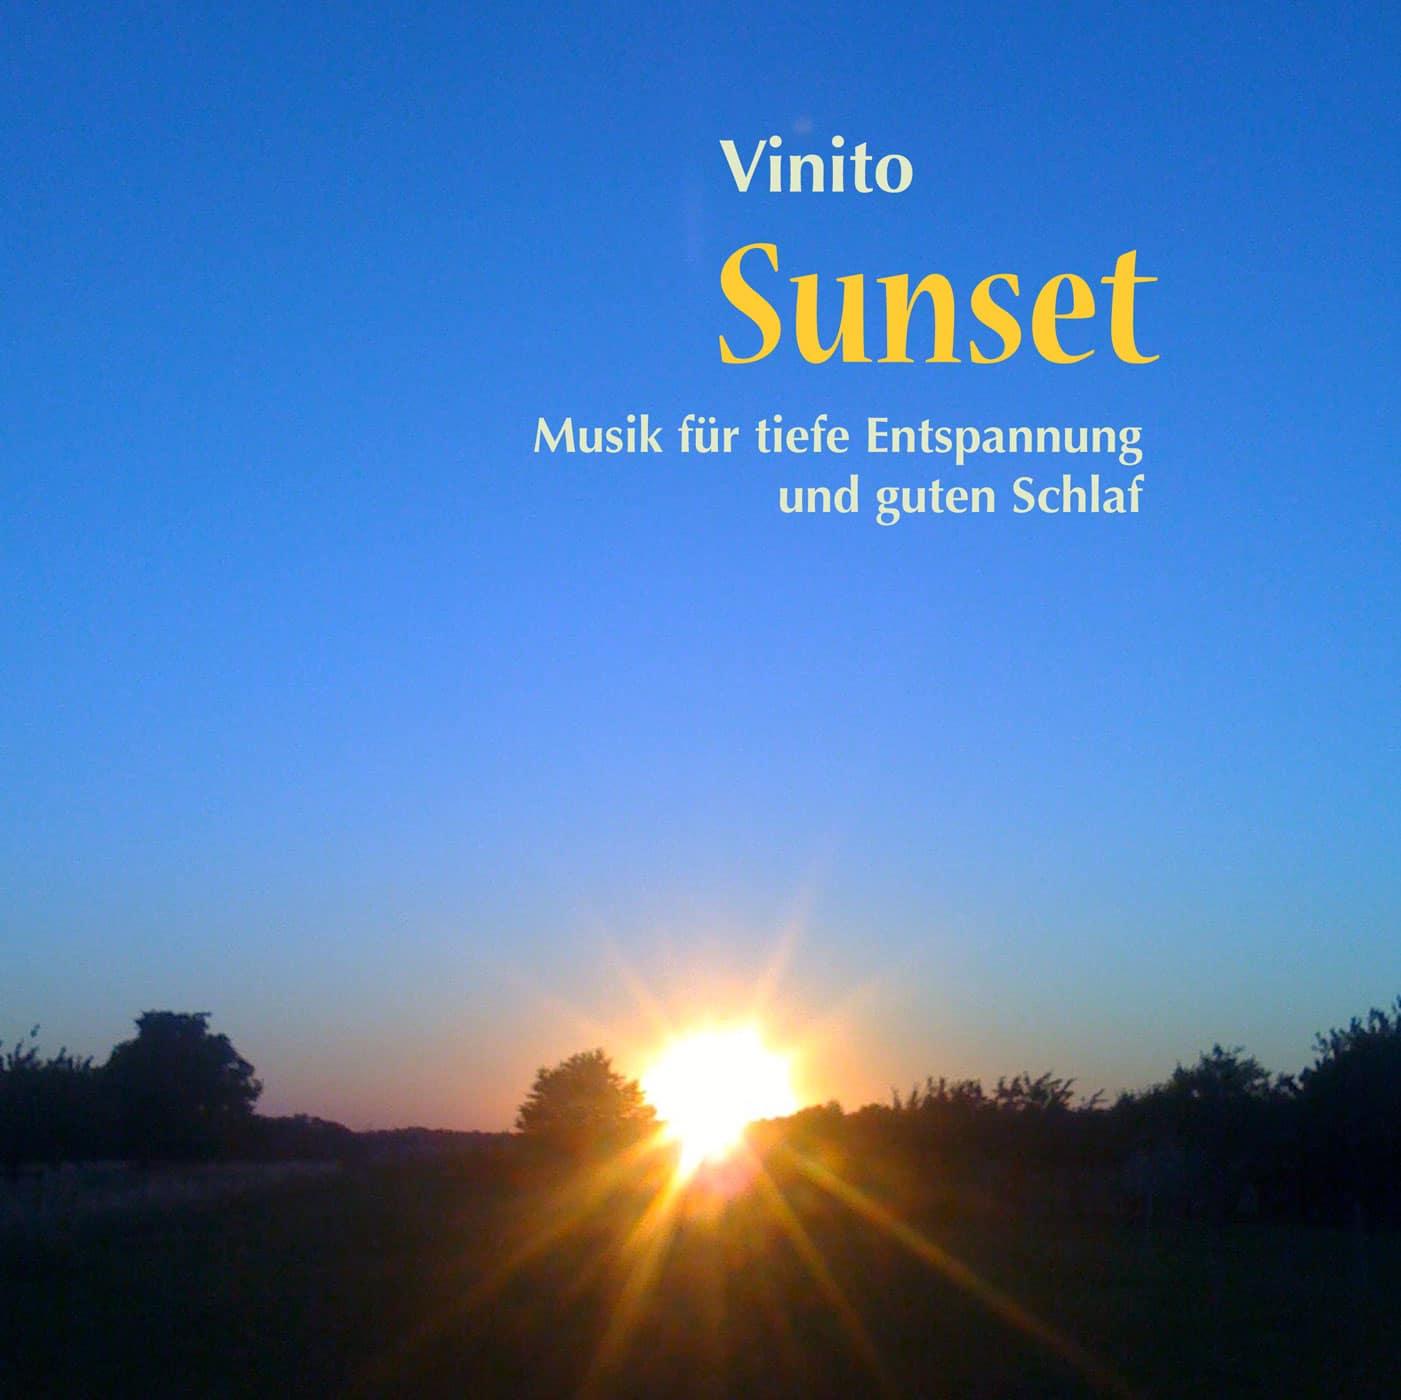 Sunset: Gema-freie Meditationsmusik für Entspannung und sanftes Einschlafen